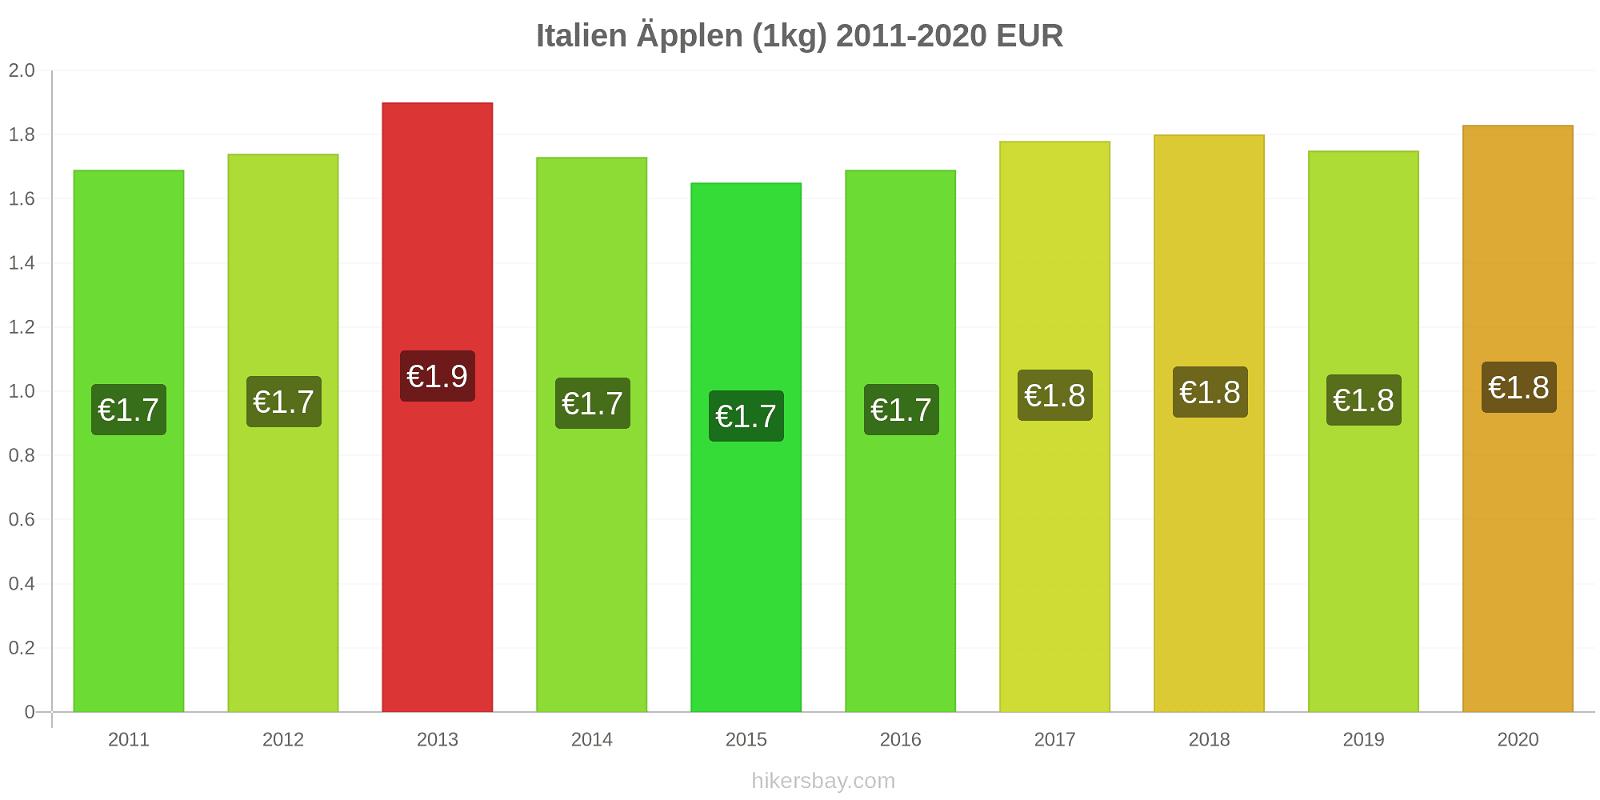 Italien prisförändringar Äpplen (1kg) hikersbay.com